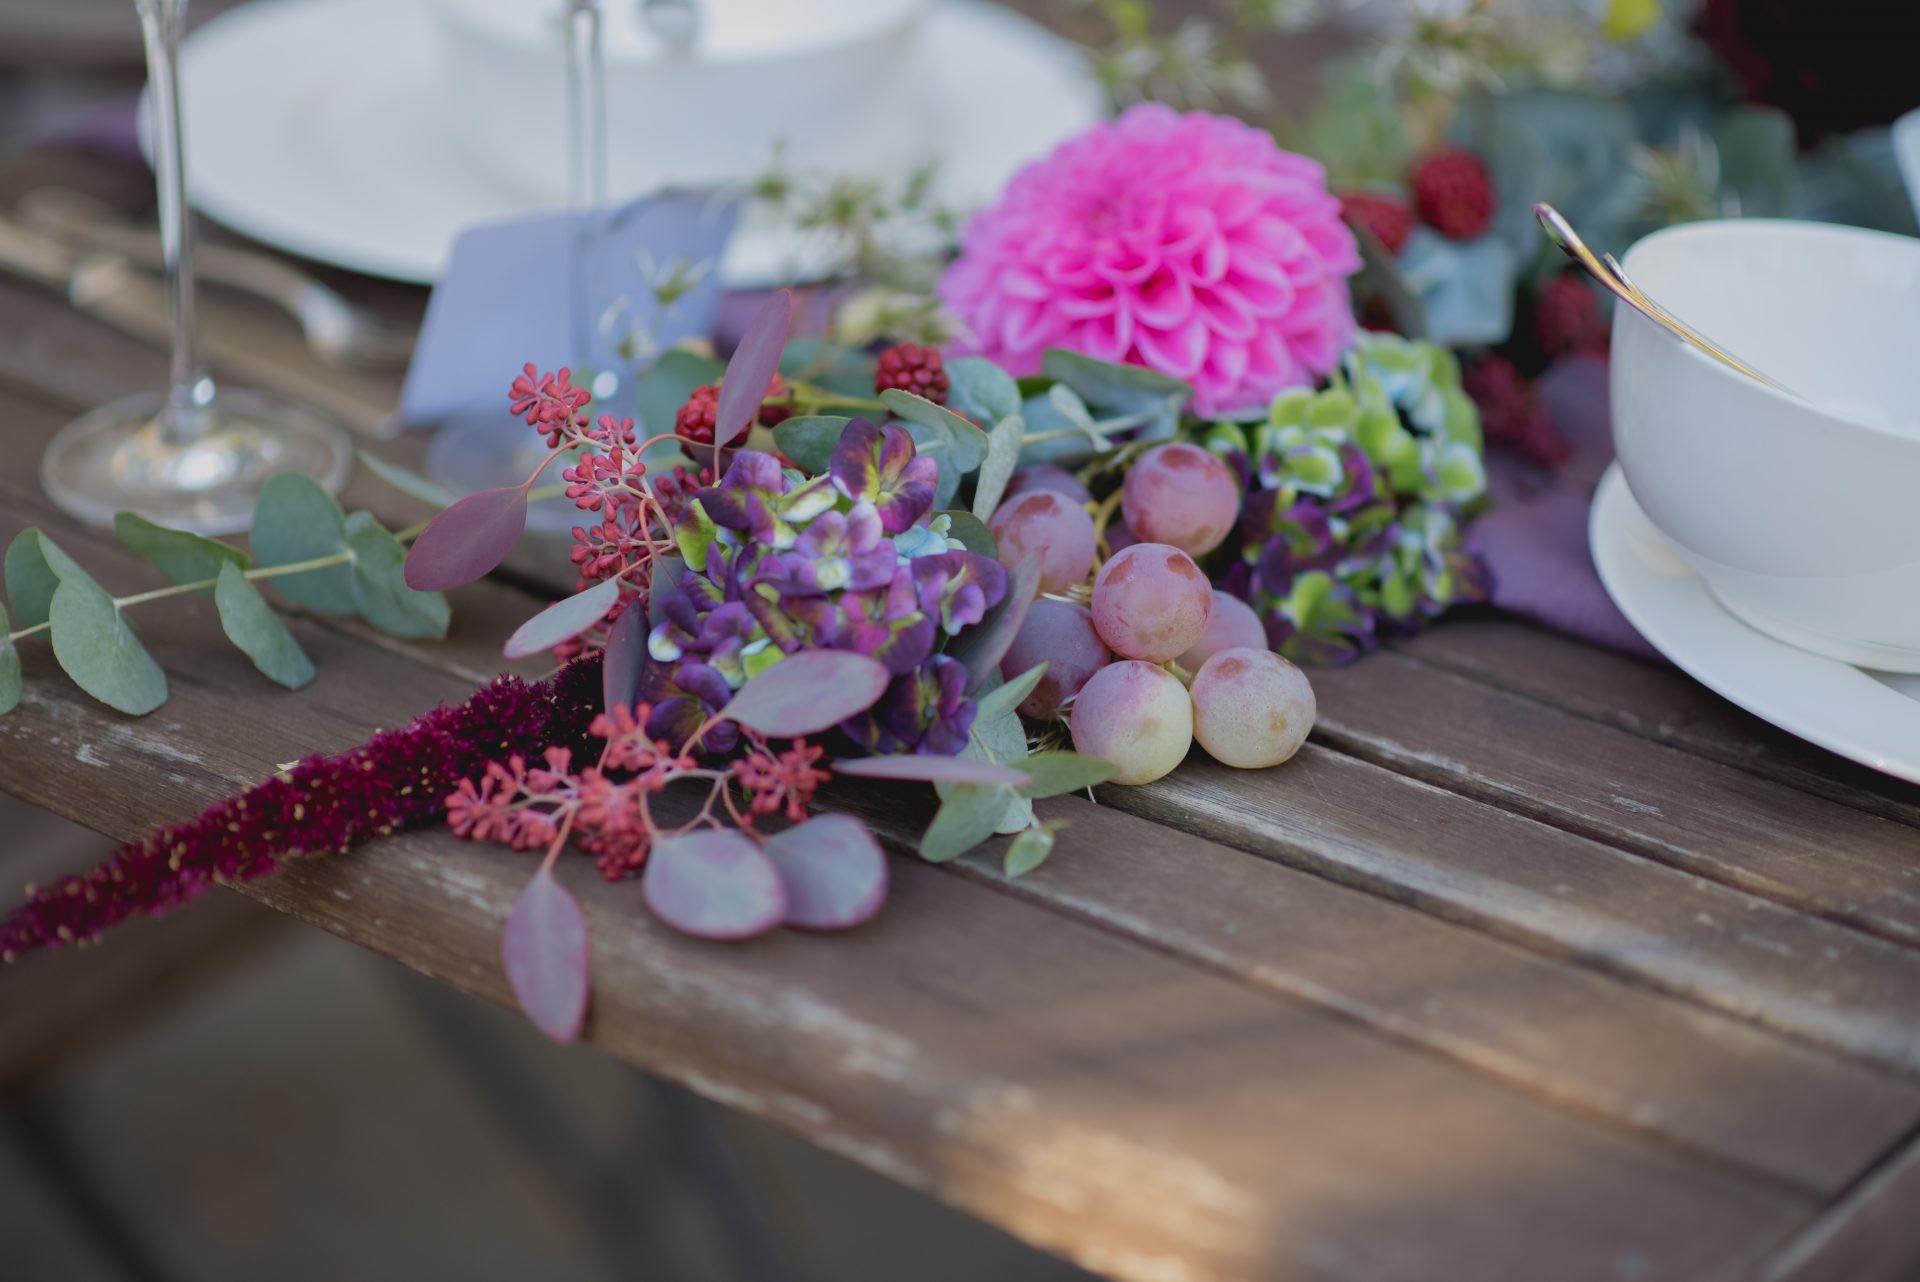 Hochzeitsdekoration mit Früchten und Blüten in herbstlichen Farben.